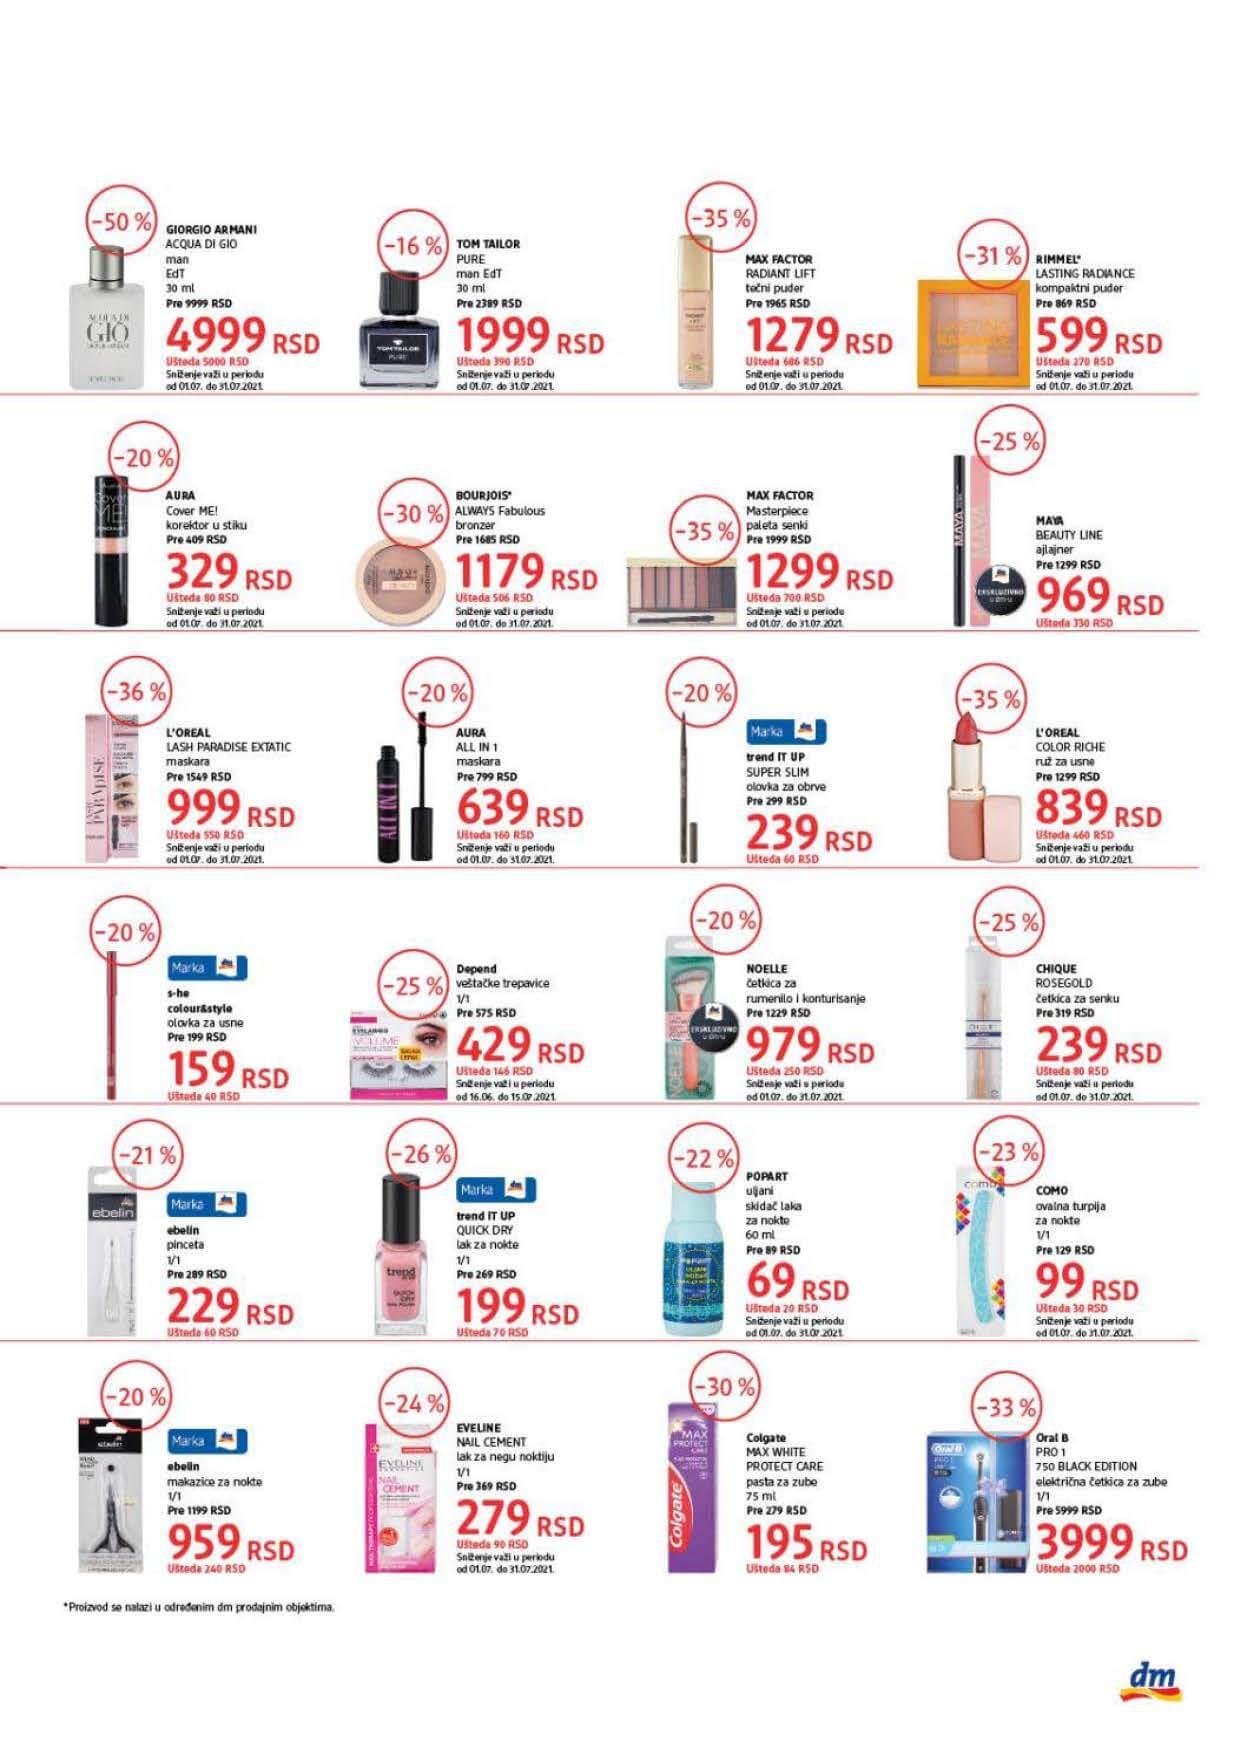 DM Katalog Srbija Super cene Super Ponuda JUL 2021 01.07. 15.07.2021. Page 3